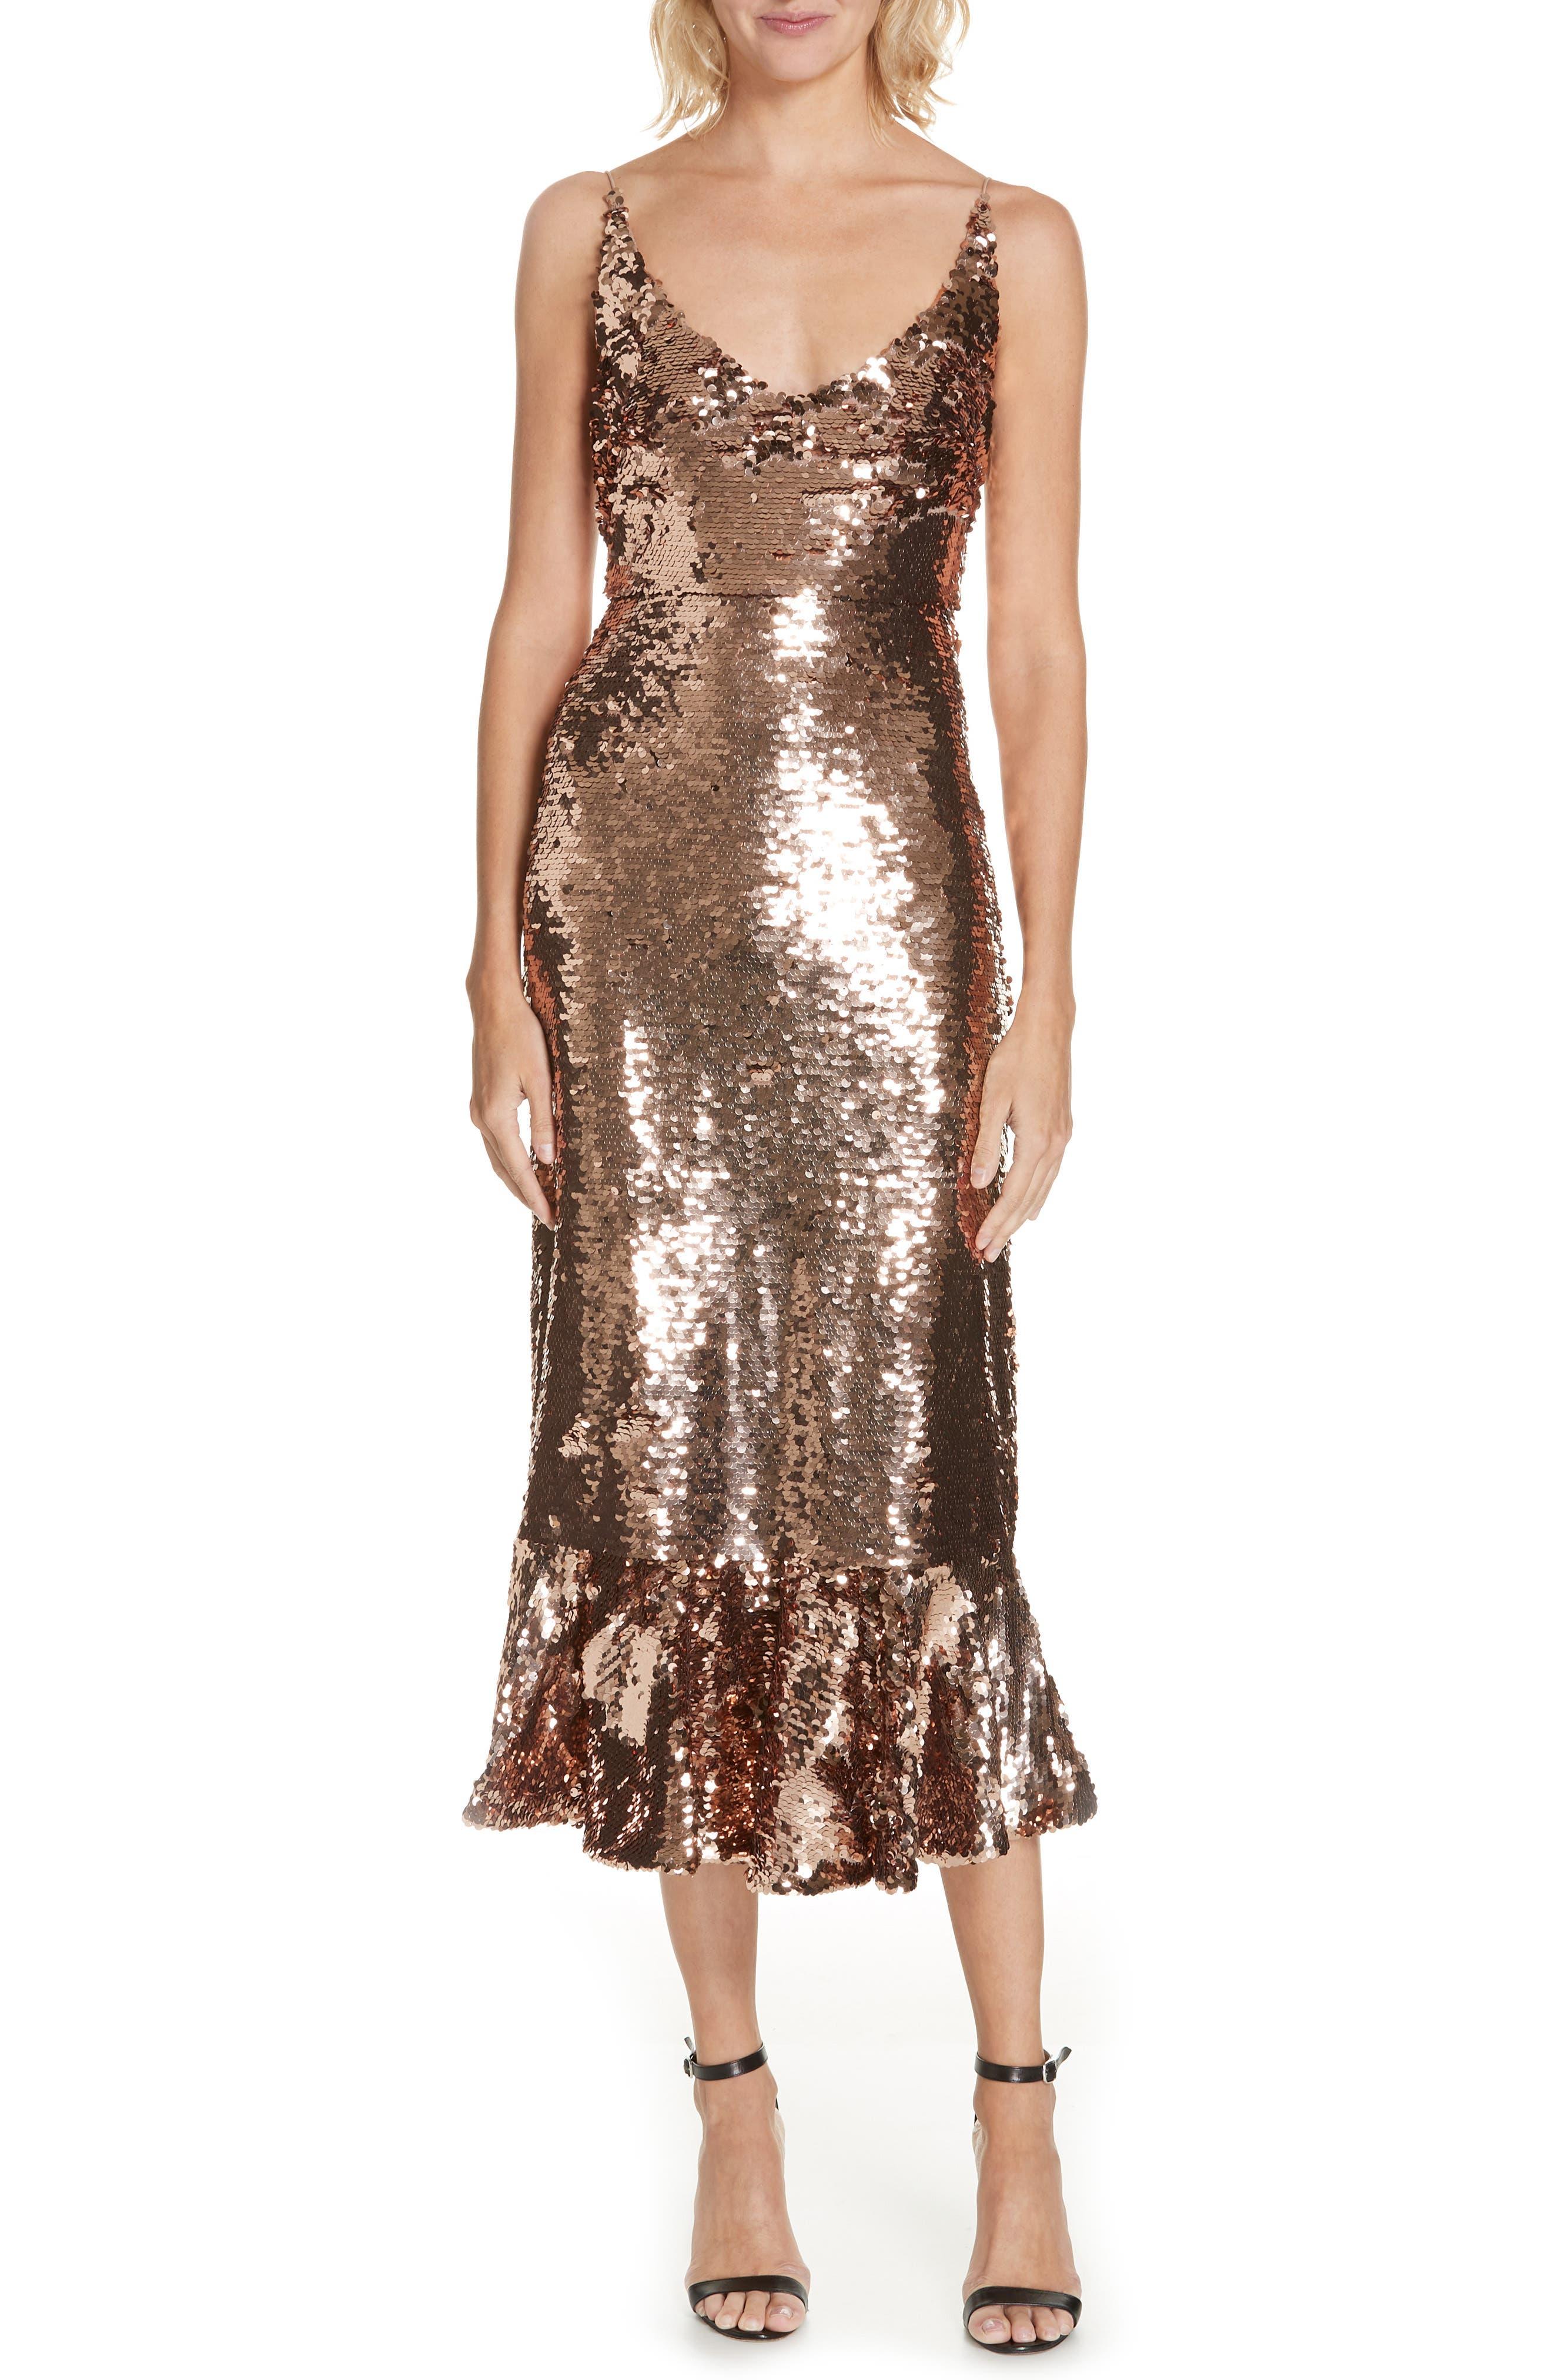 SALONI, Aidan Sequin Ruffle Hem Midi Dress, Main thumbnail 1, color, BRONZE